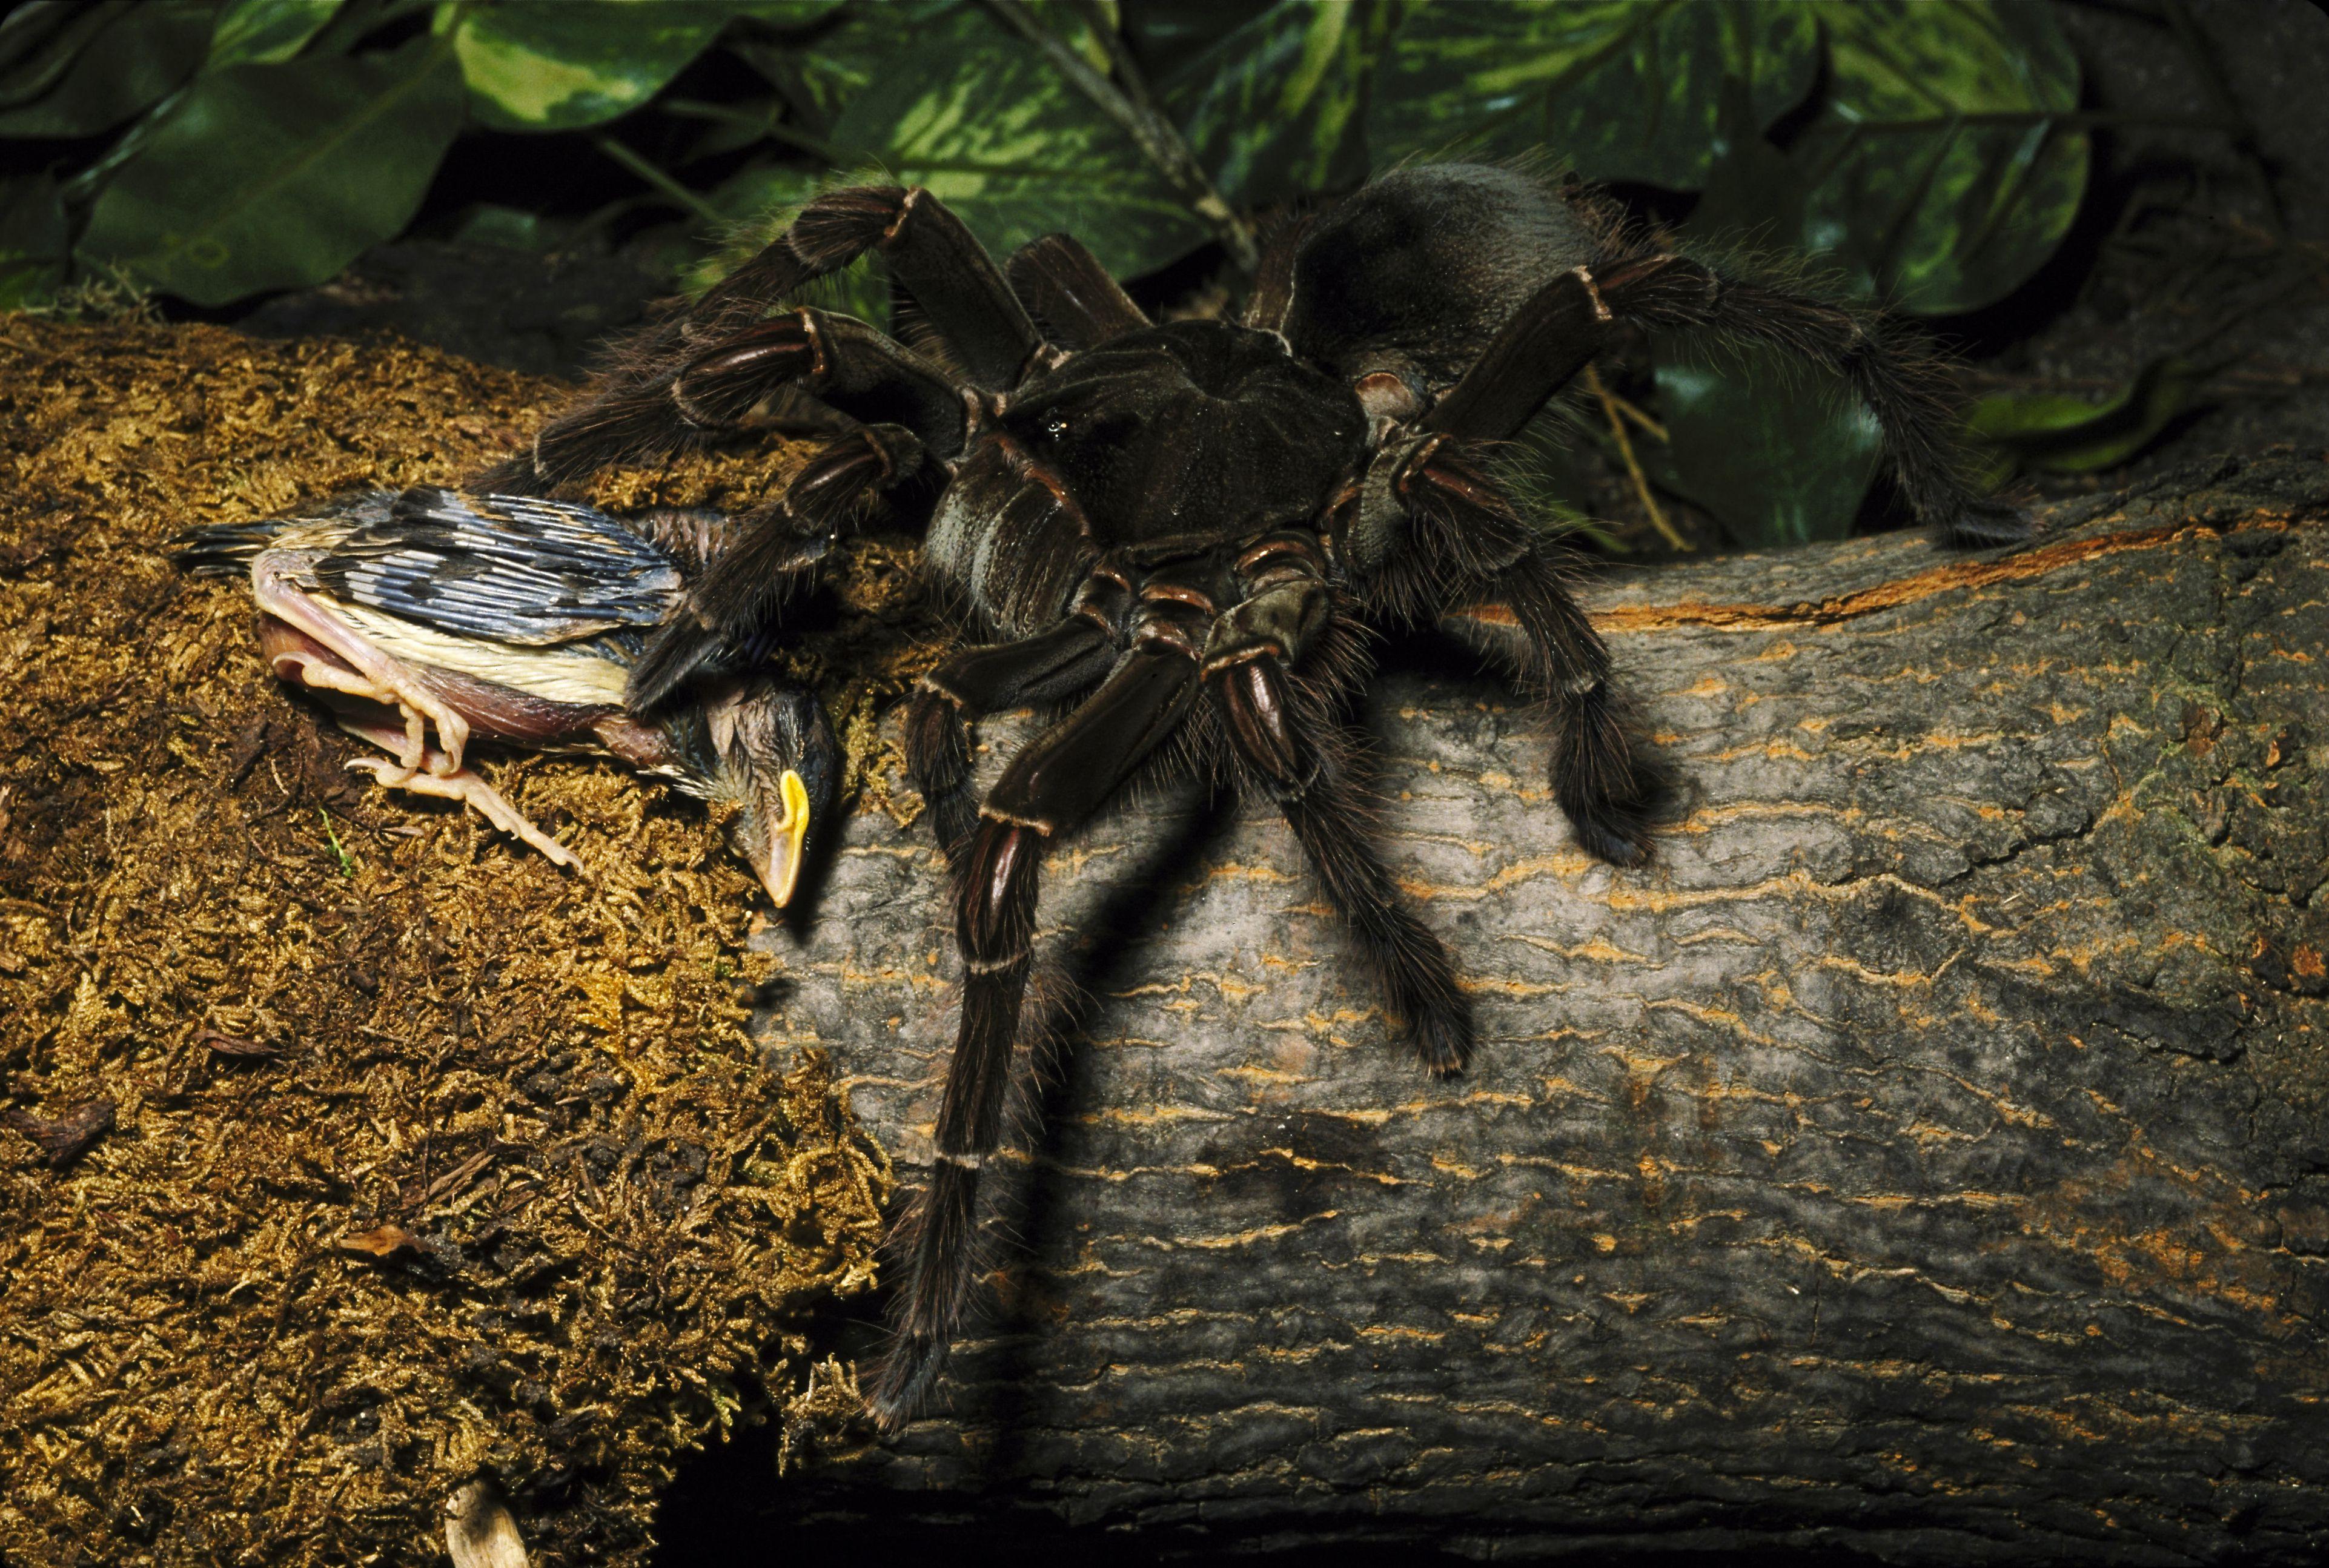 Bird eating spider eating a bird.